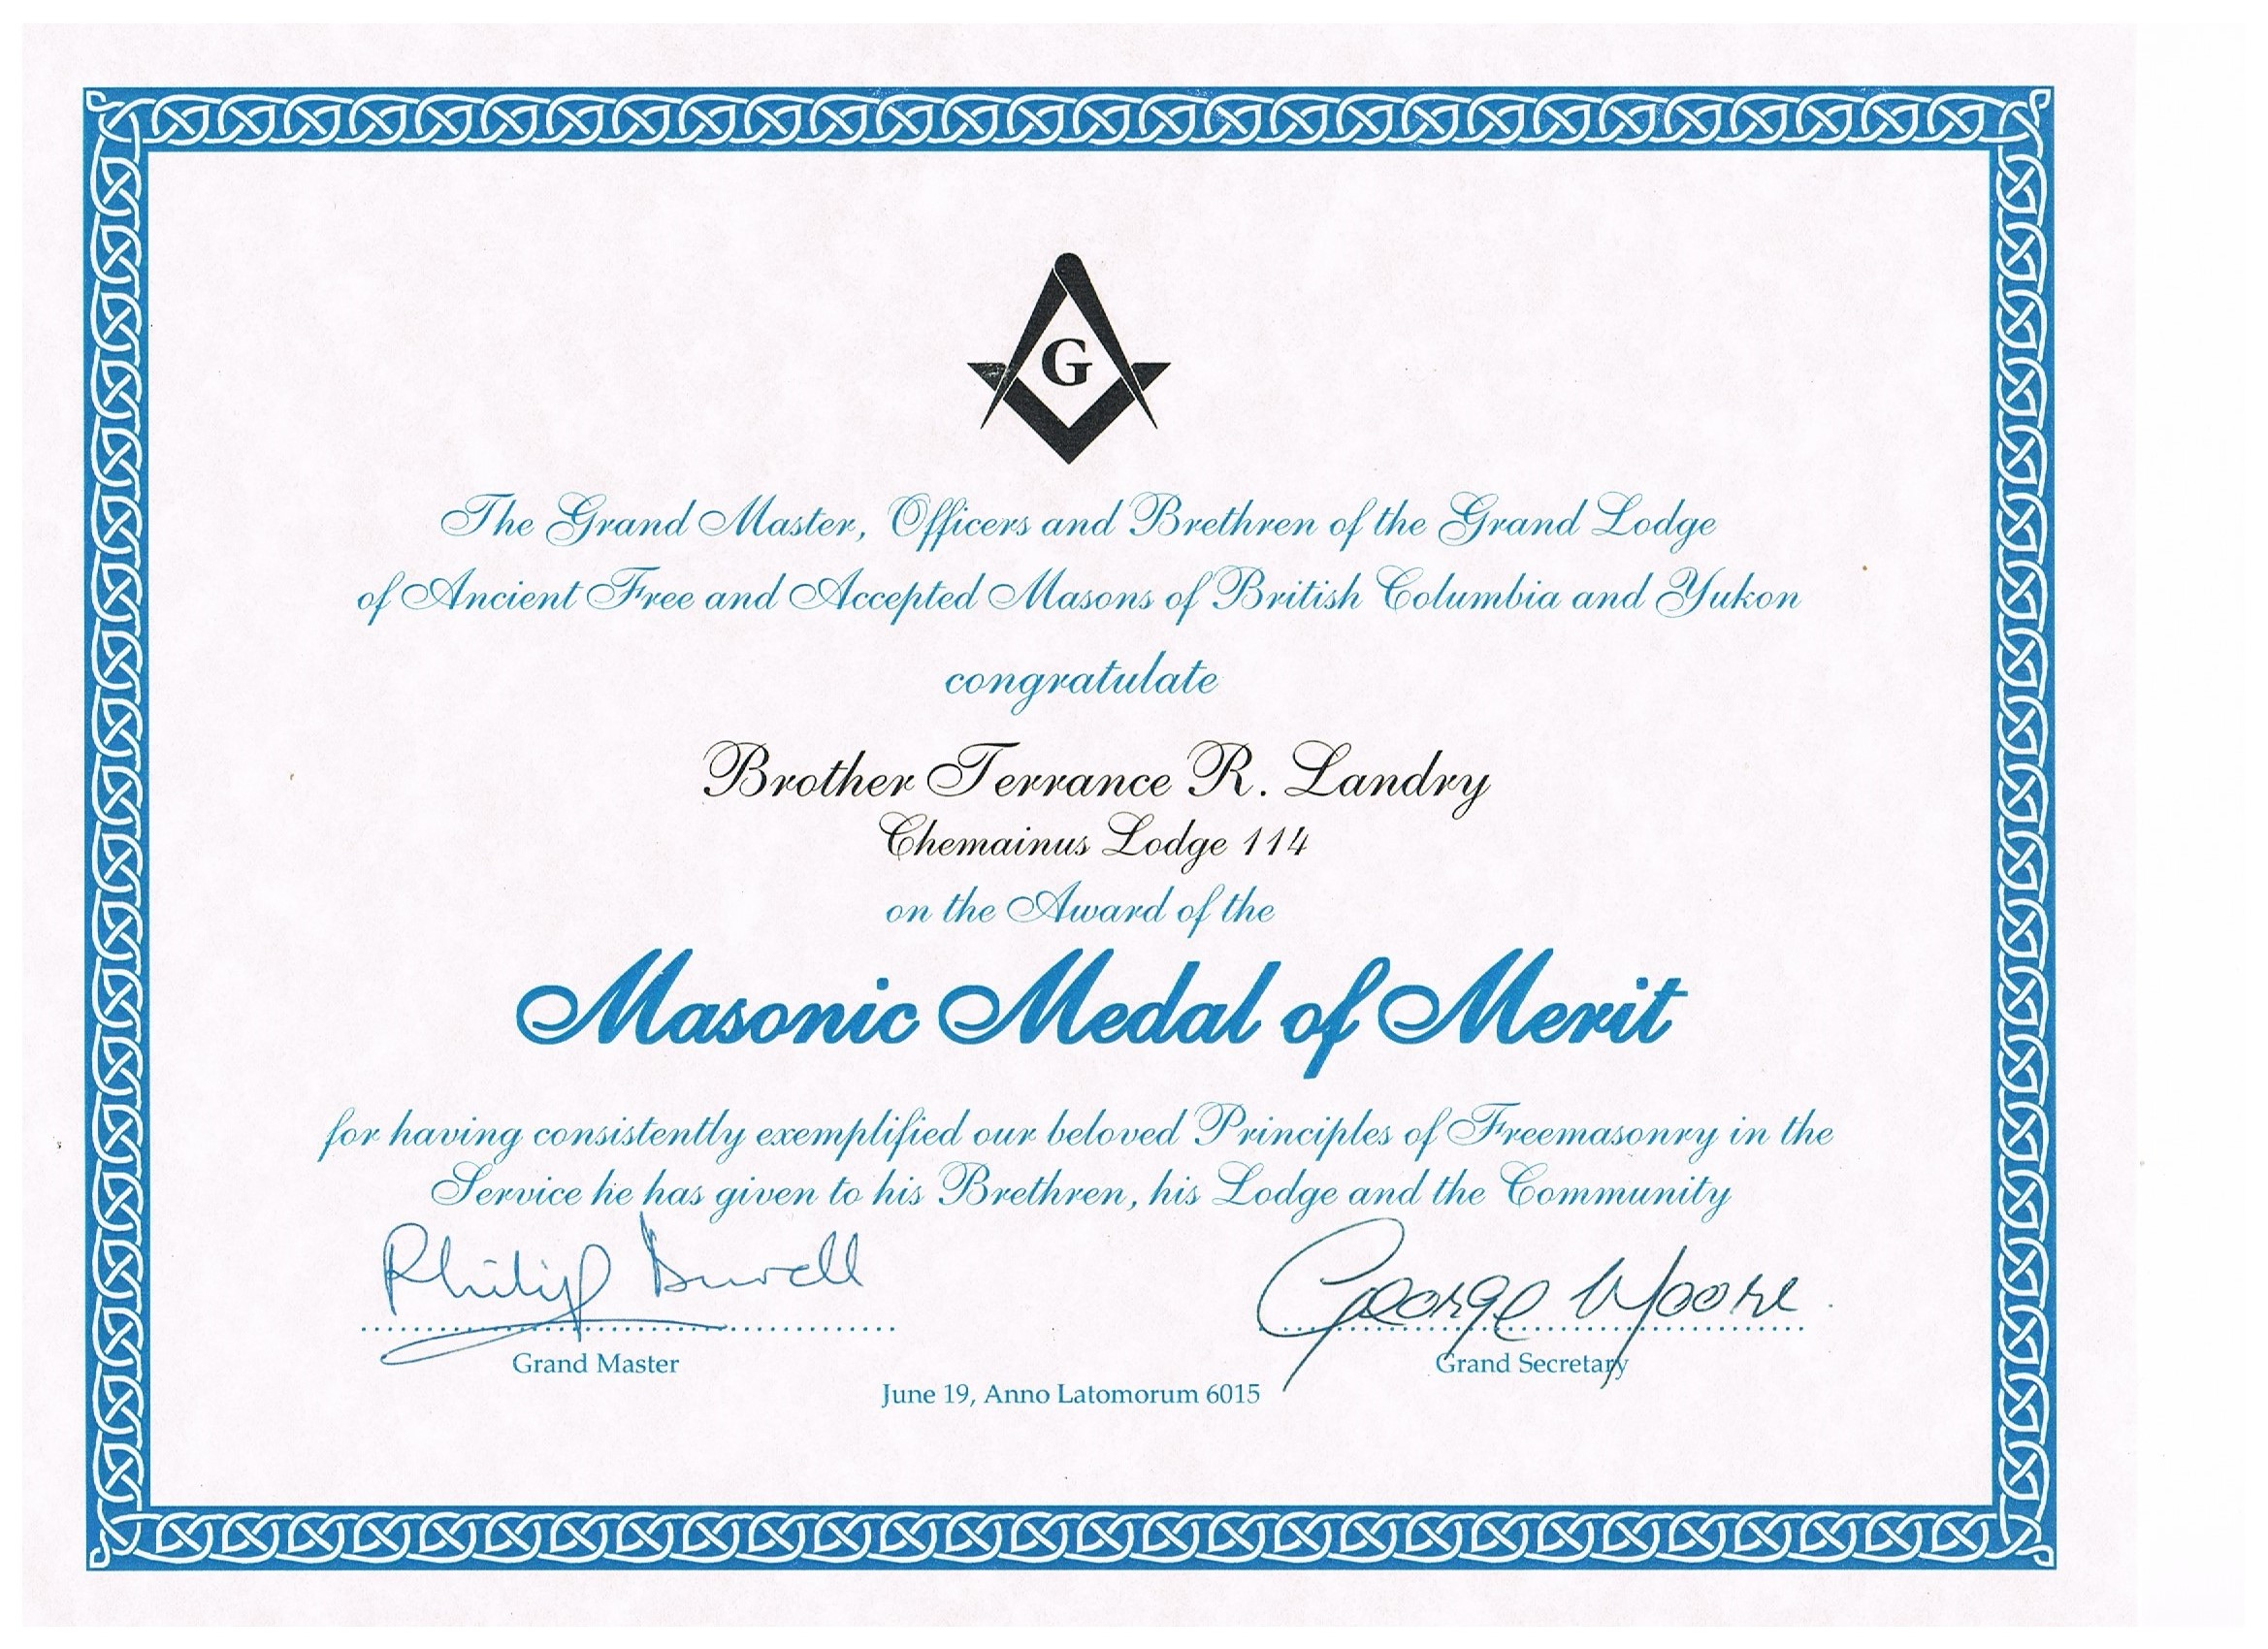 Masonic Medal of Merit Certificate